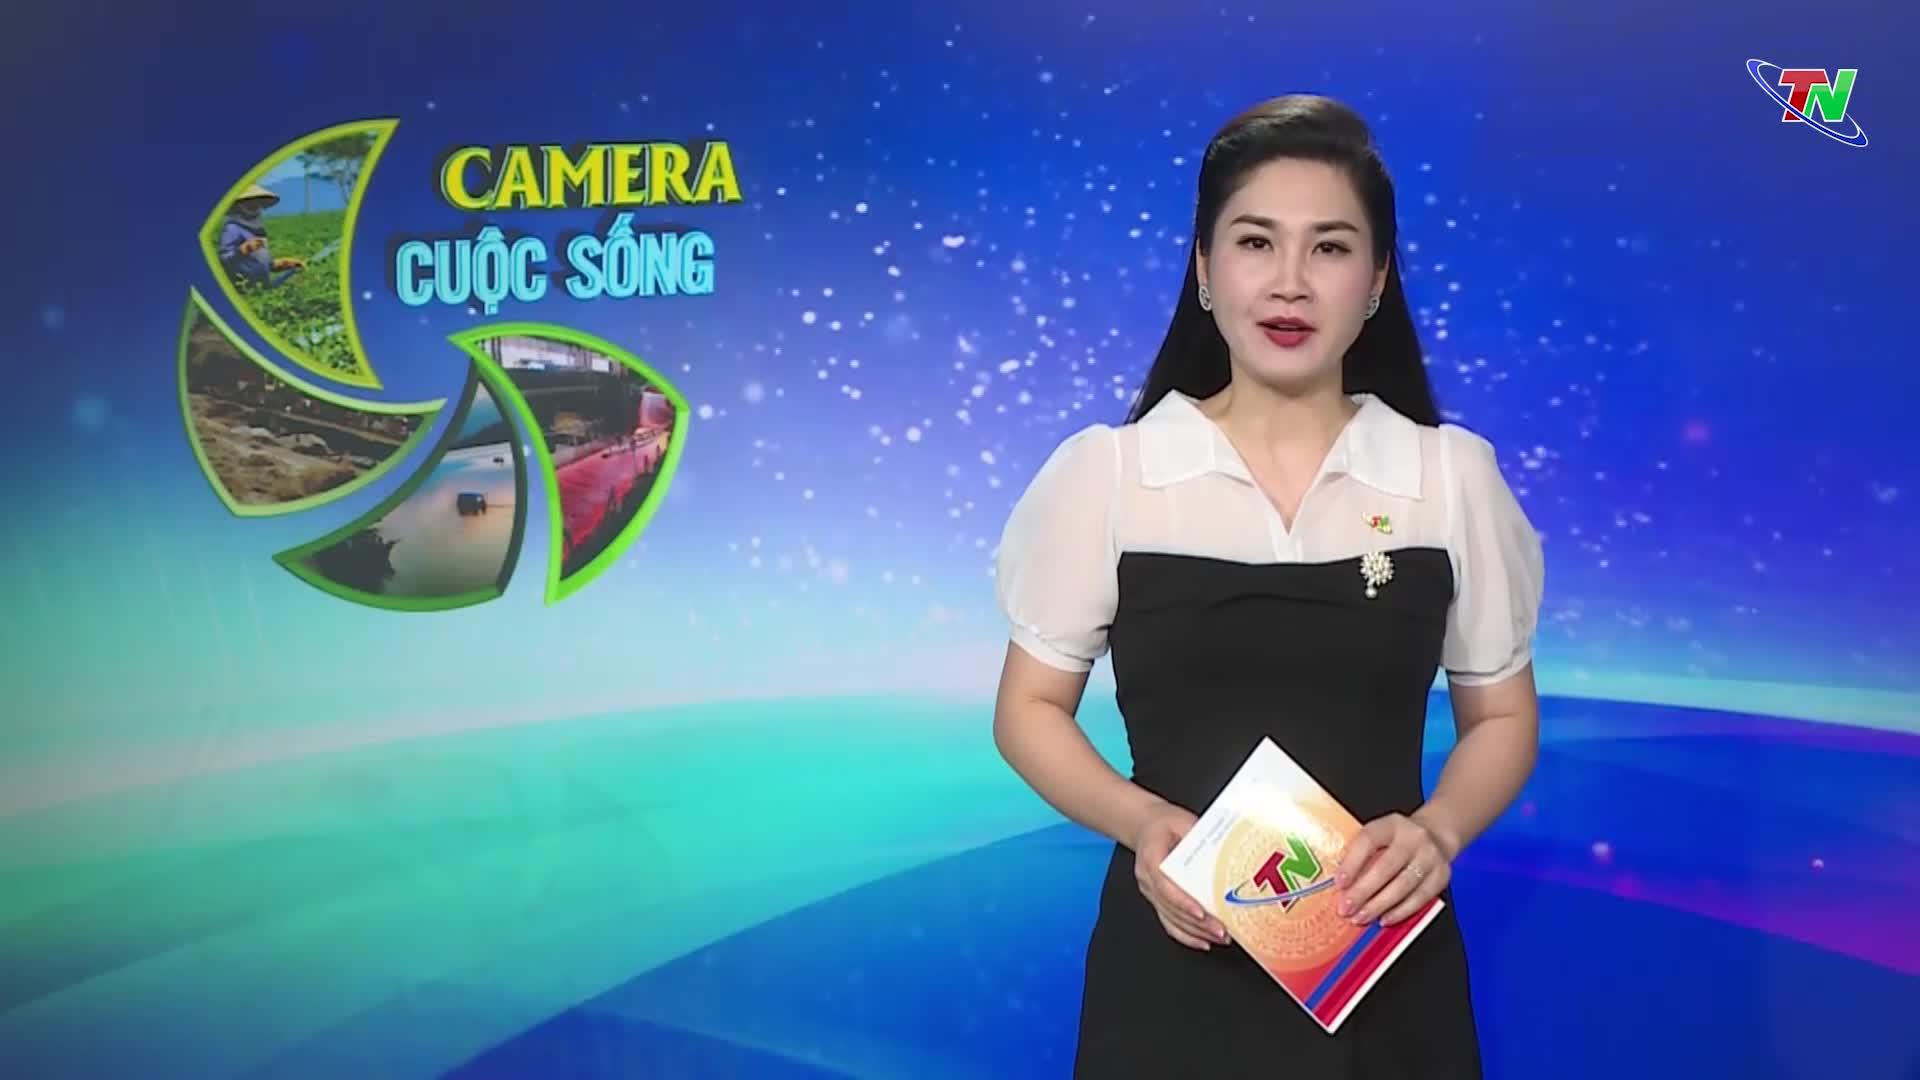 Camera cuộc sống ngày 14/5/2020